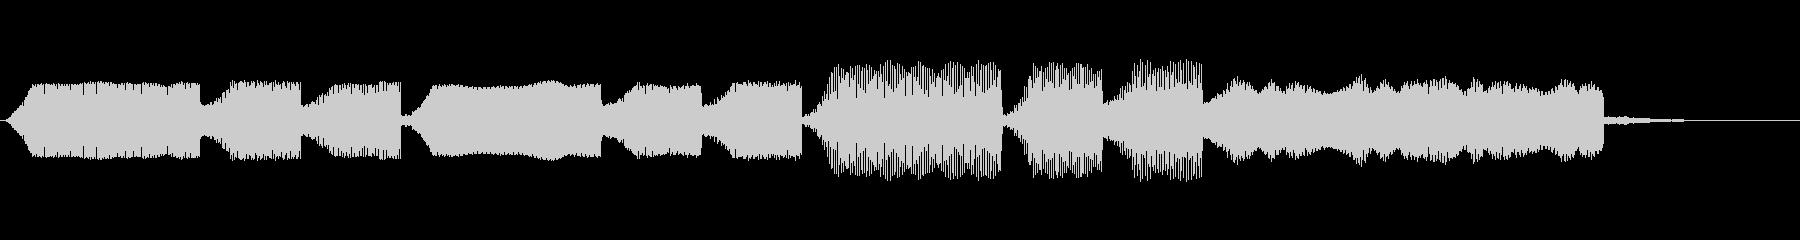 ファミコンセーブ音3の未再生の波形